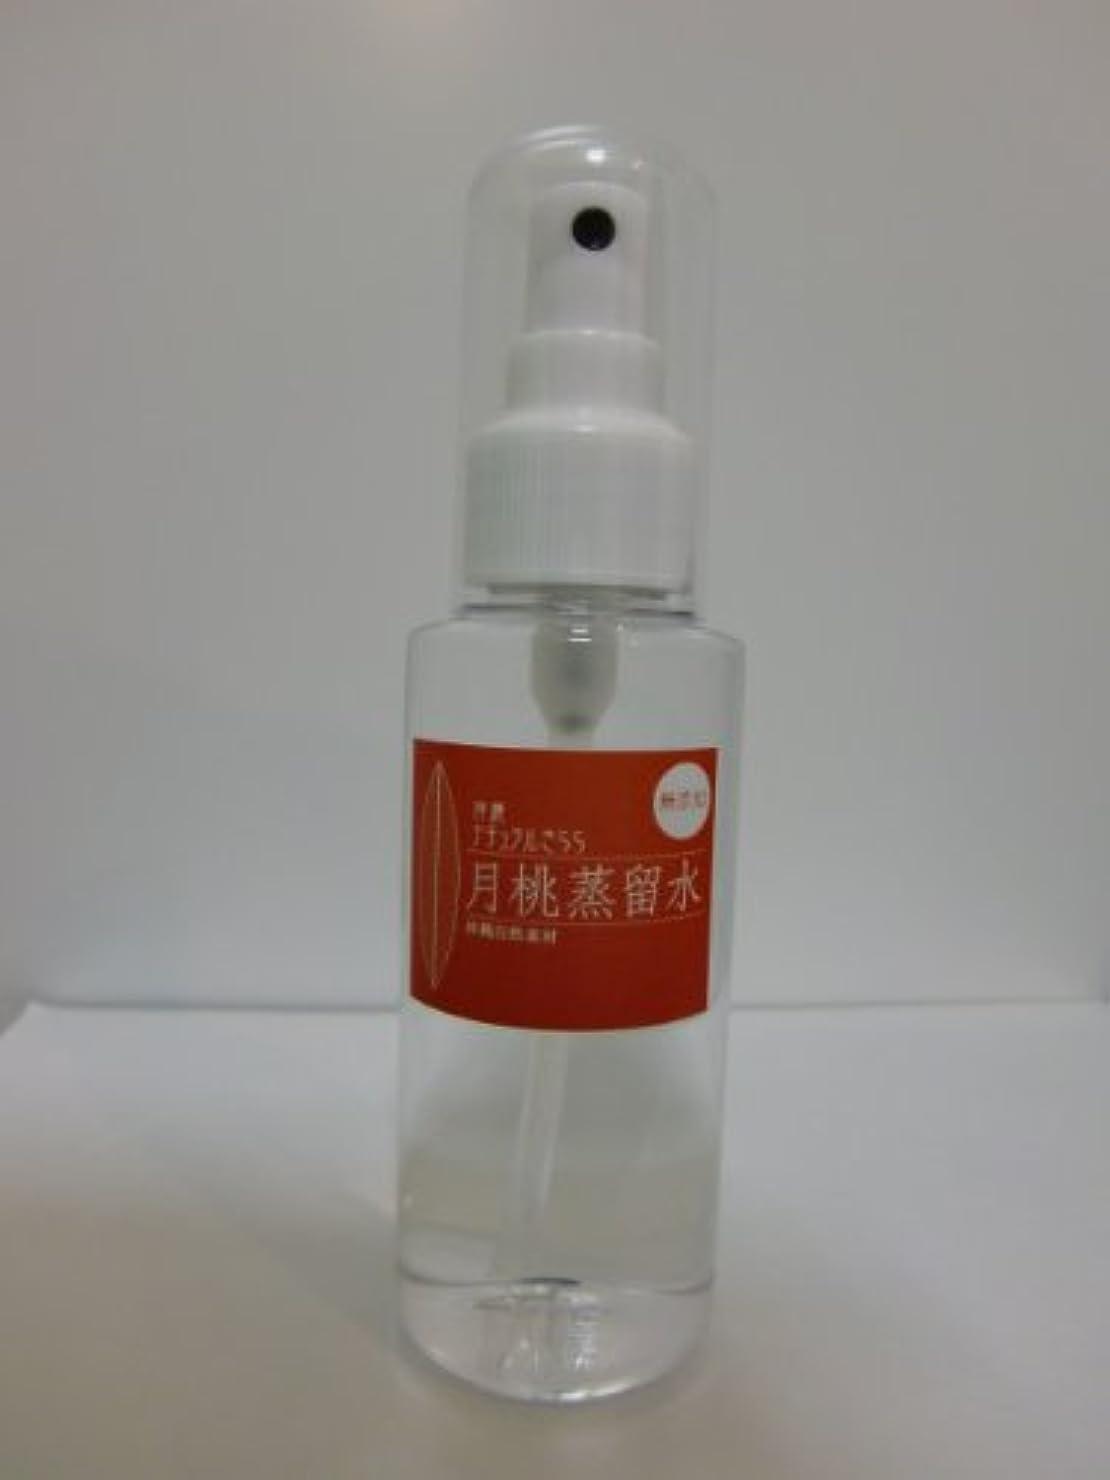 ステレオ送信する人物新?月桃蒸留水(200ml)